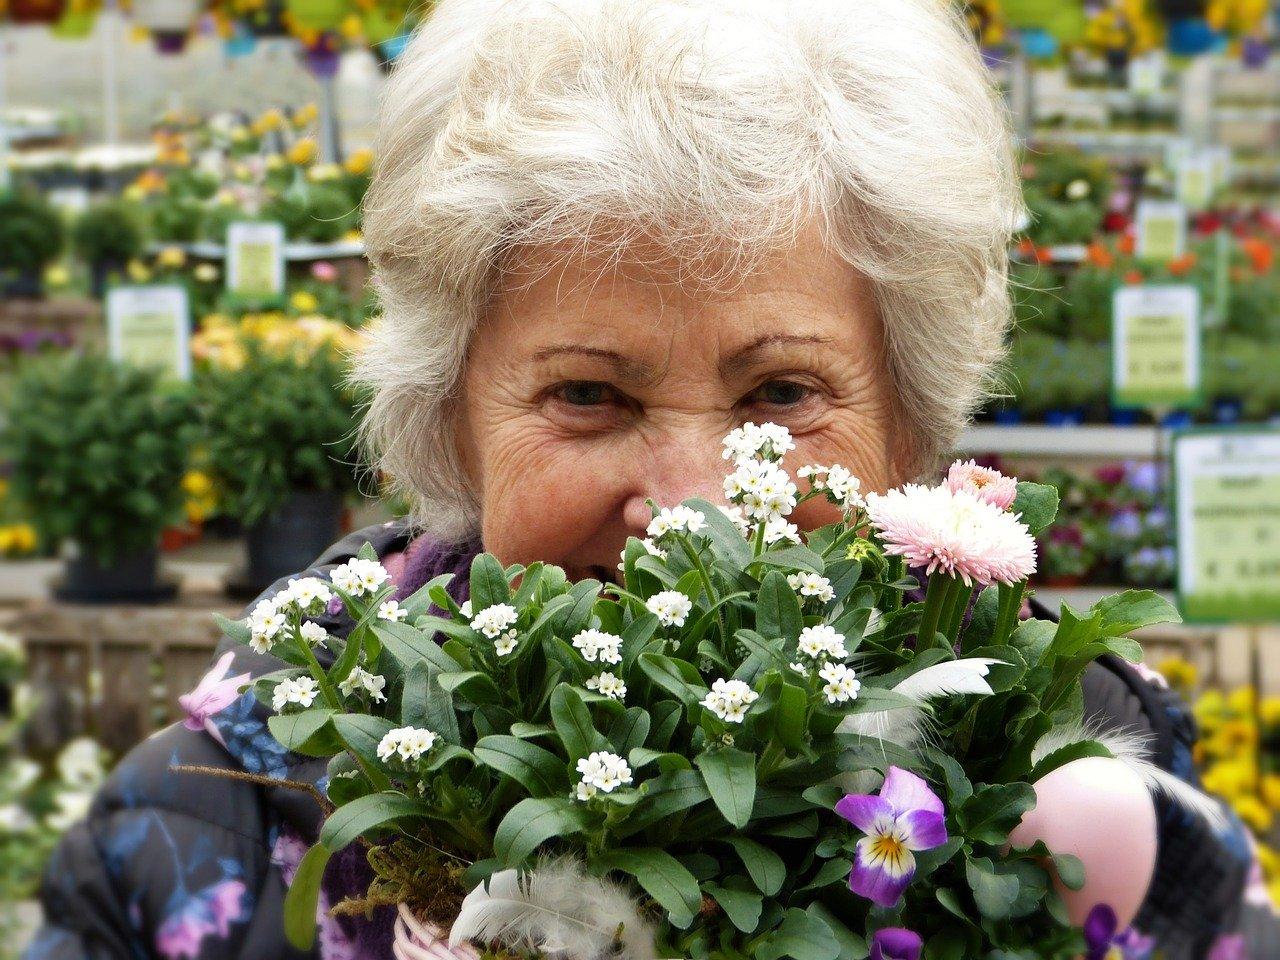 Ältere Dame mit grauen Haaren lächelnd hinter Blumen